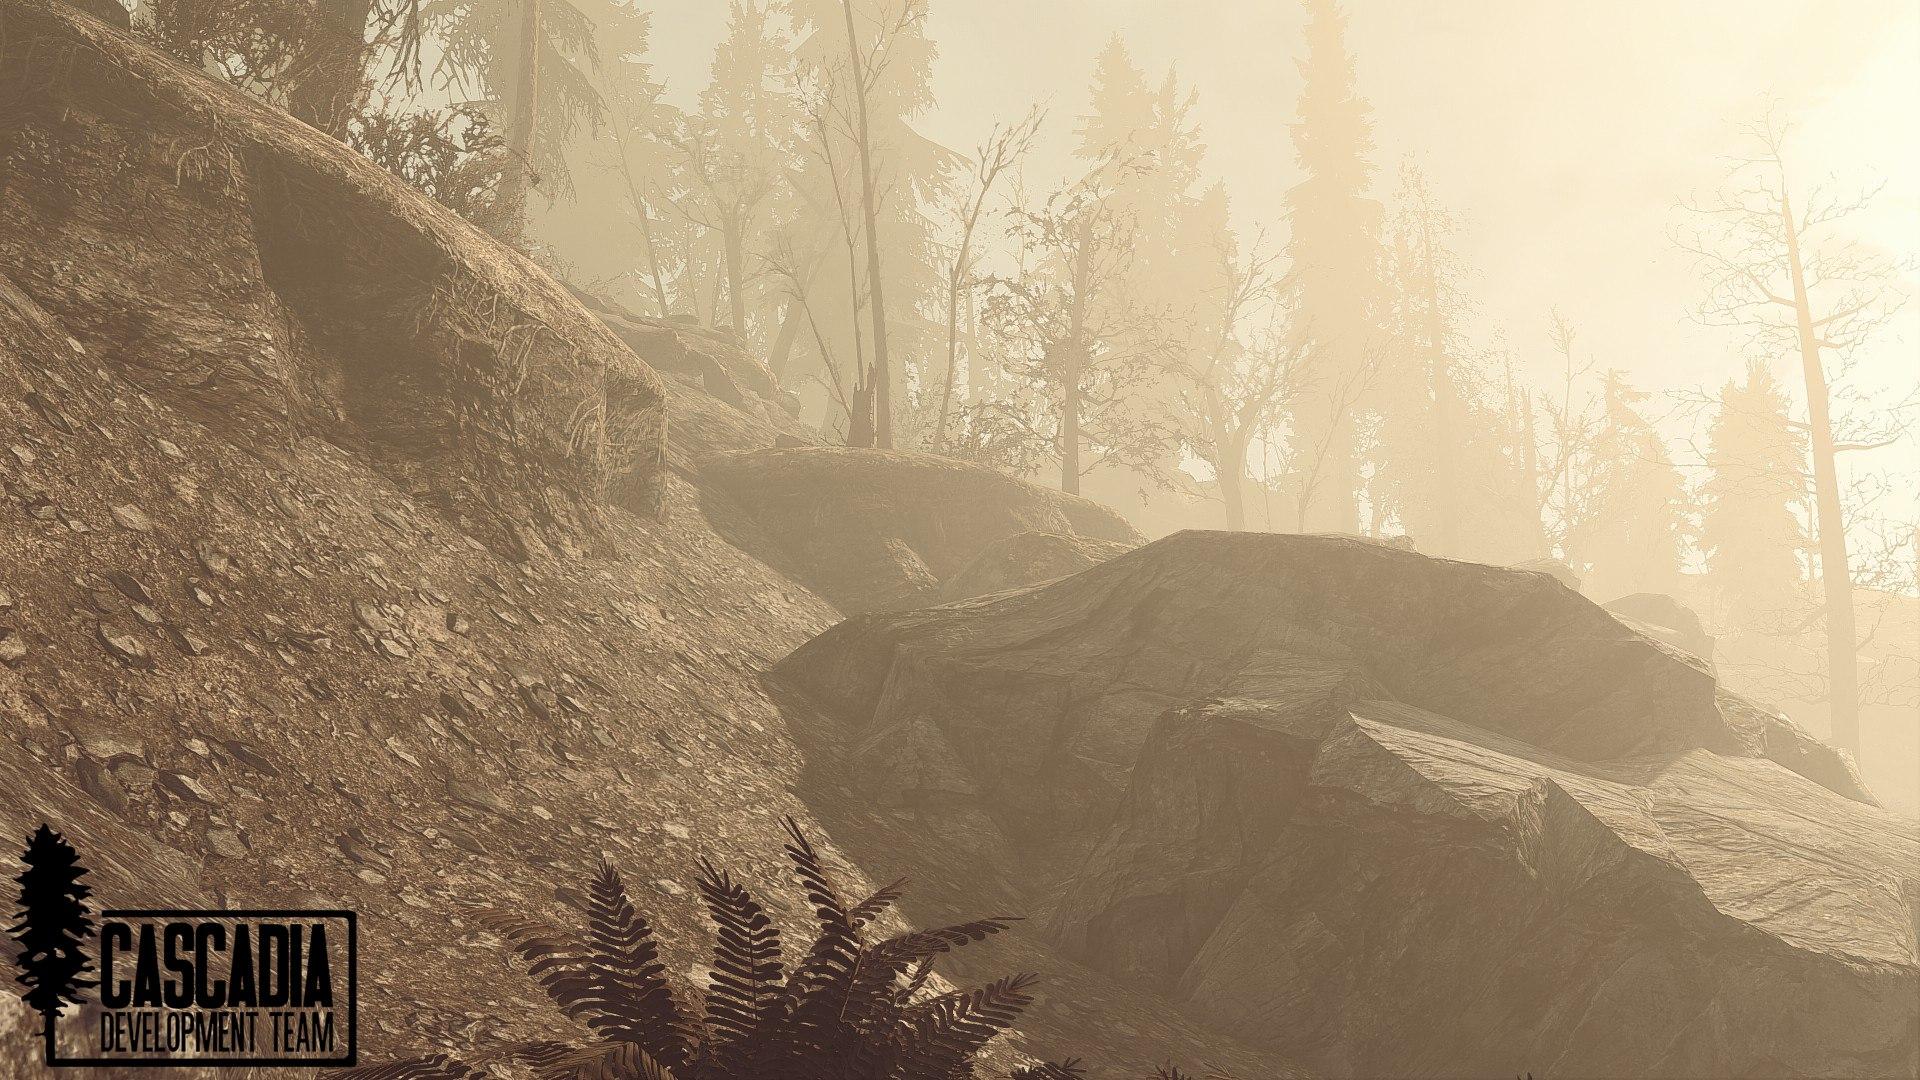 Разработчики Fallout Cascadia глобального мода для Fallout4 продолжают работу, вот пару скриншотов: